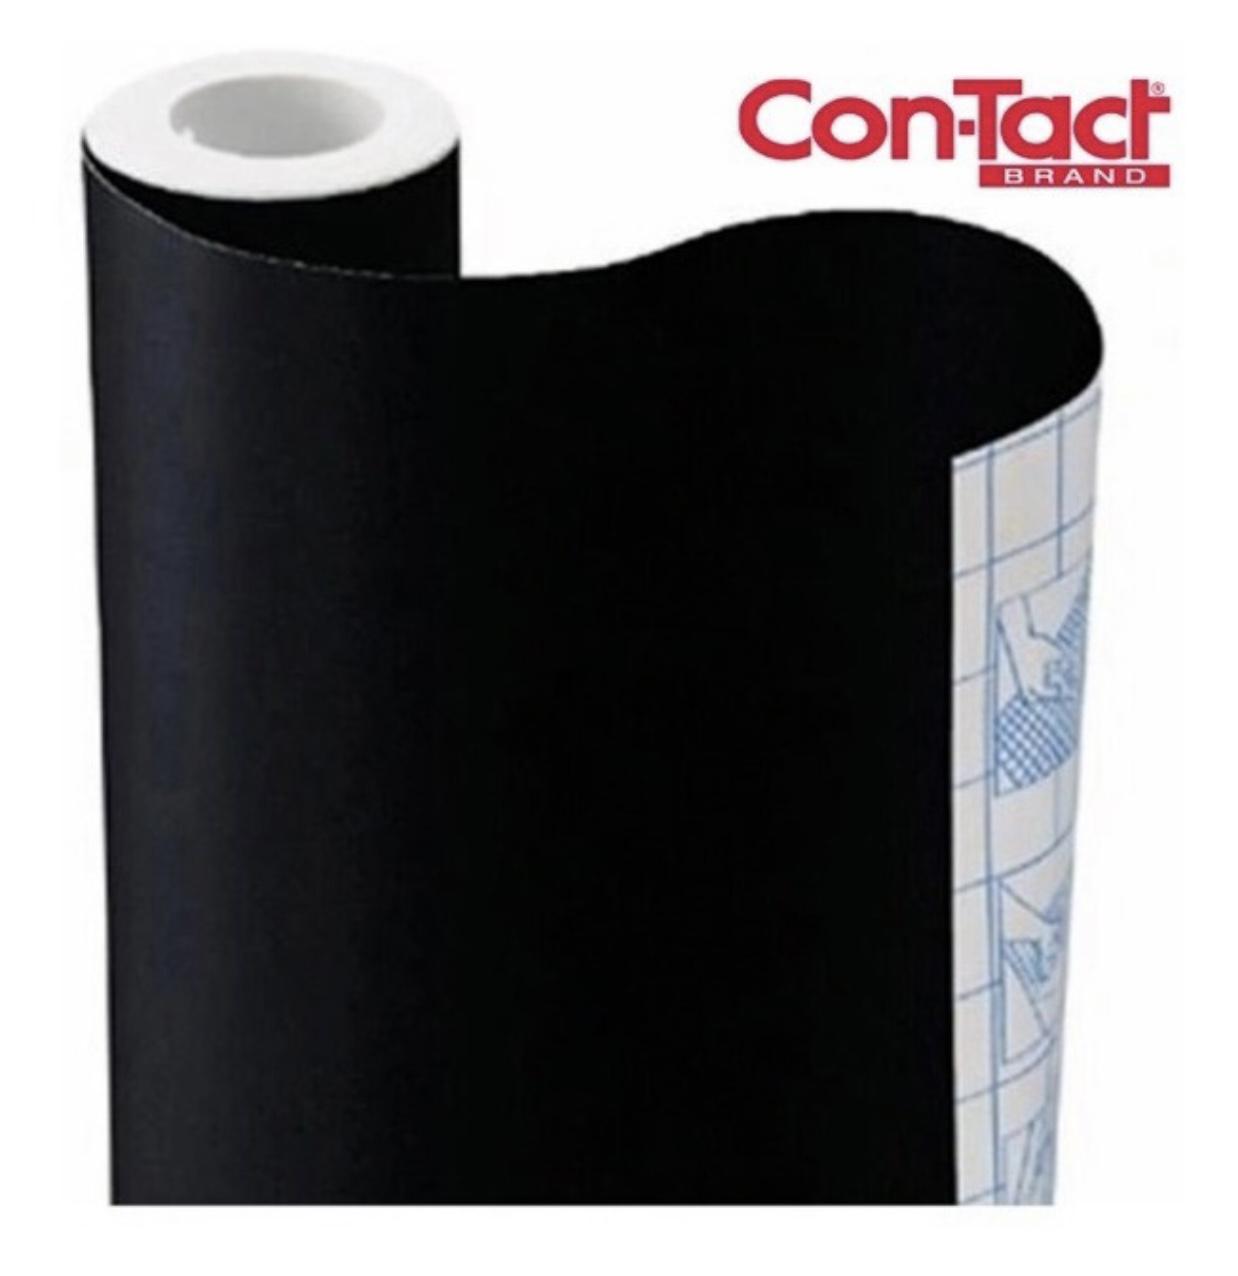 Papel Contact Adesivo Preto Fosco 45cm x 02m